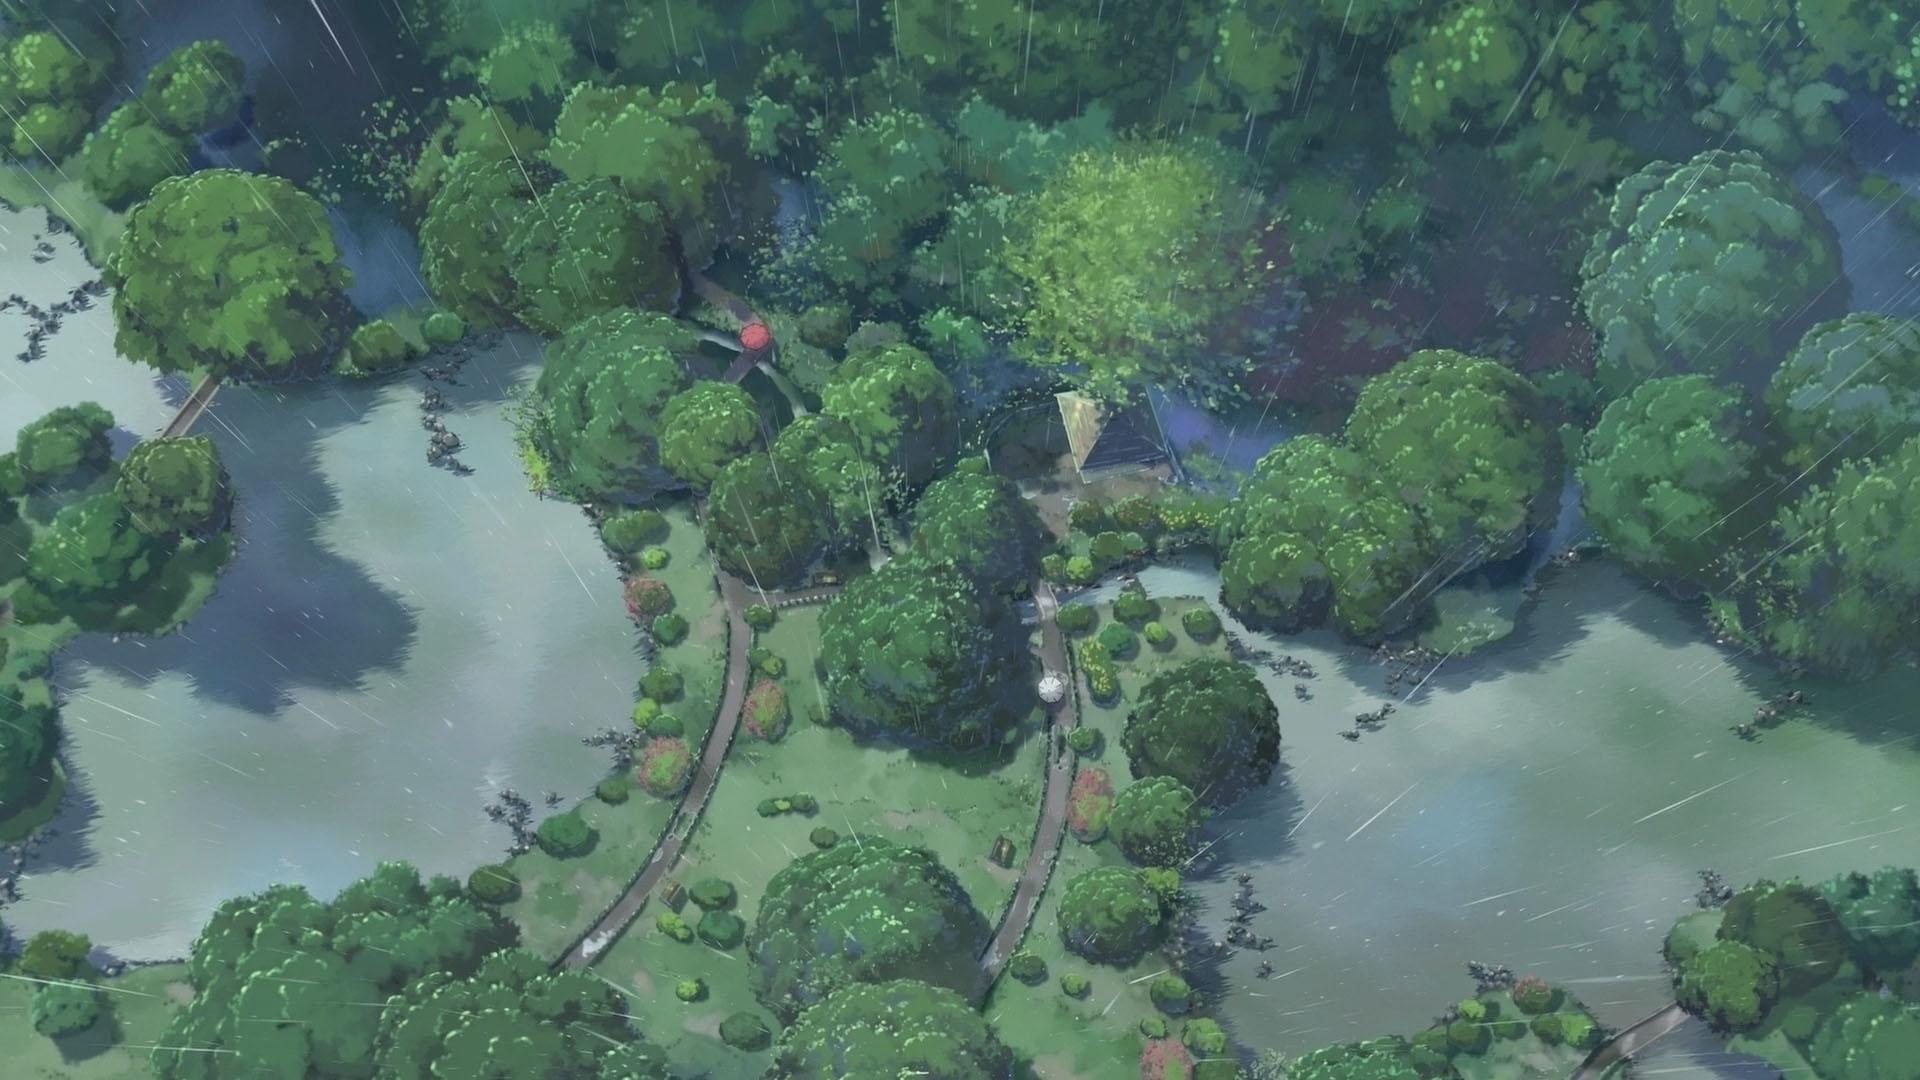 An Analysis of Makoto Shinkai's The Garden of Words